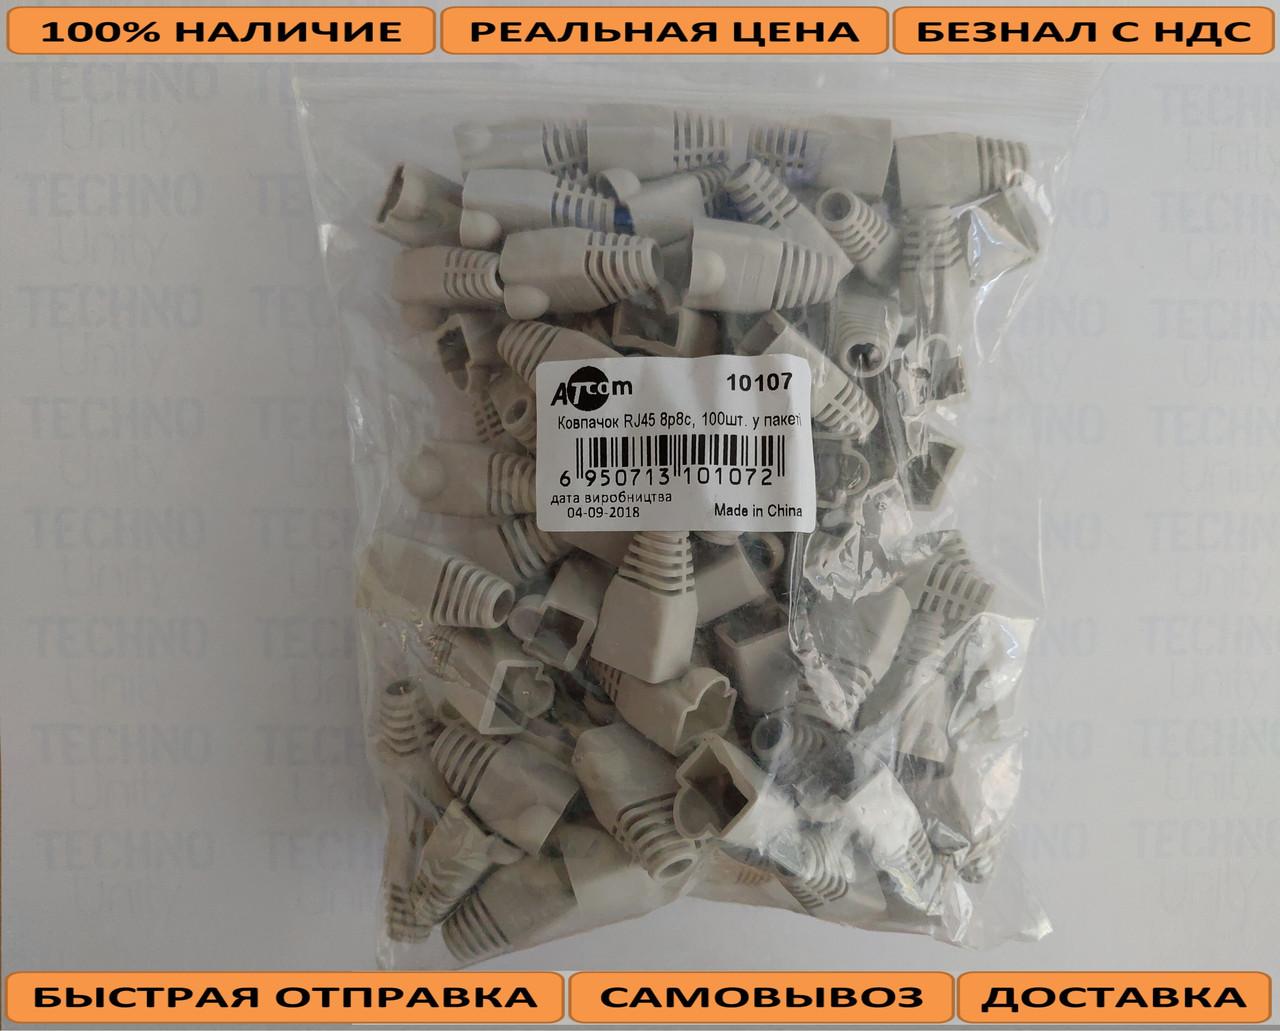 Ковпачок конектора Atcom RJ-45 білий упаковка 100шт (10107)